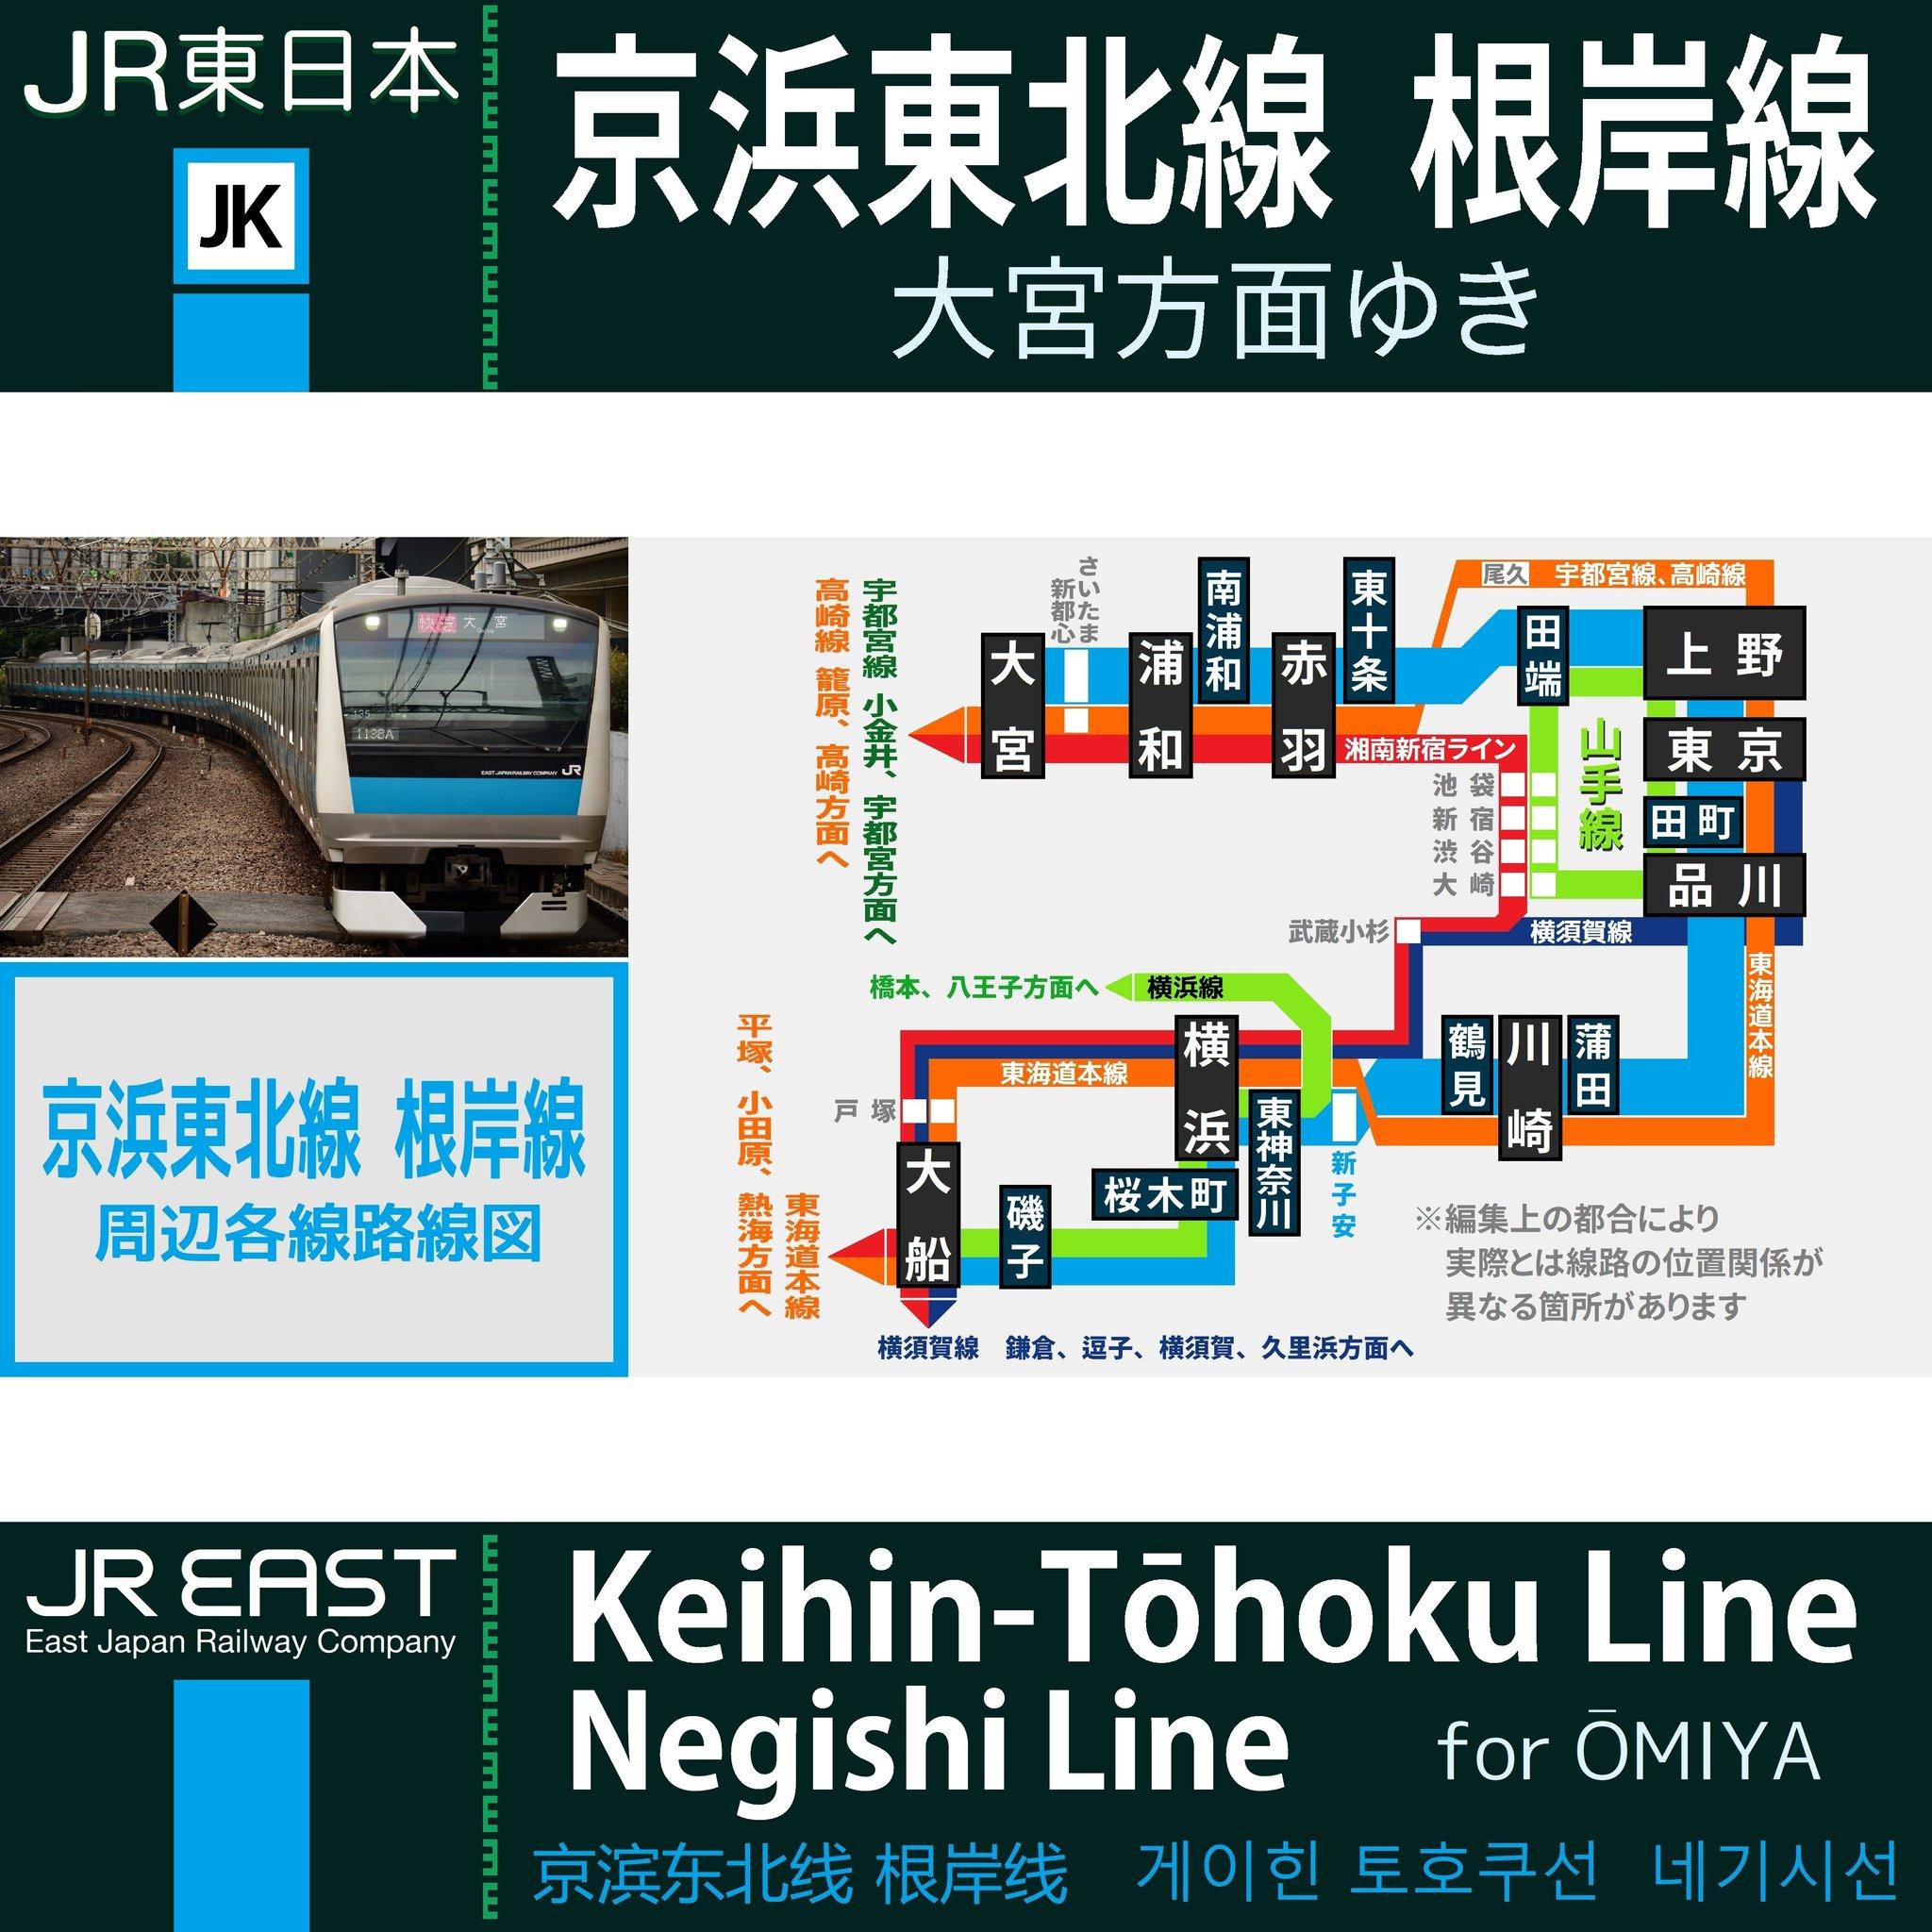 画像,◆京浜東北線・根岸線⚠️遅延《20:26現在》大船駅で車内トラブル発生のため、大宮方面ゆき一部列車が遅れています https://t.co/ft77DP04y0…